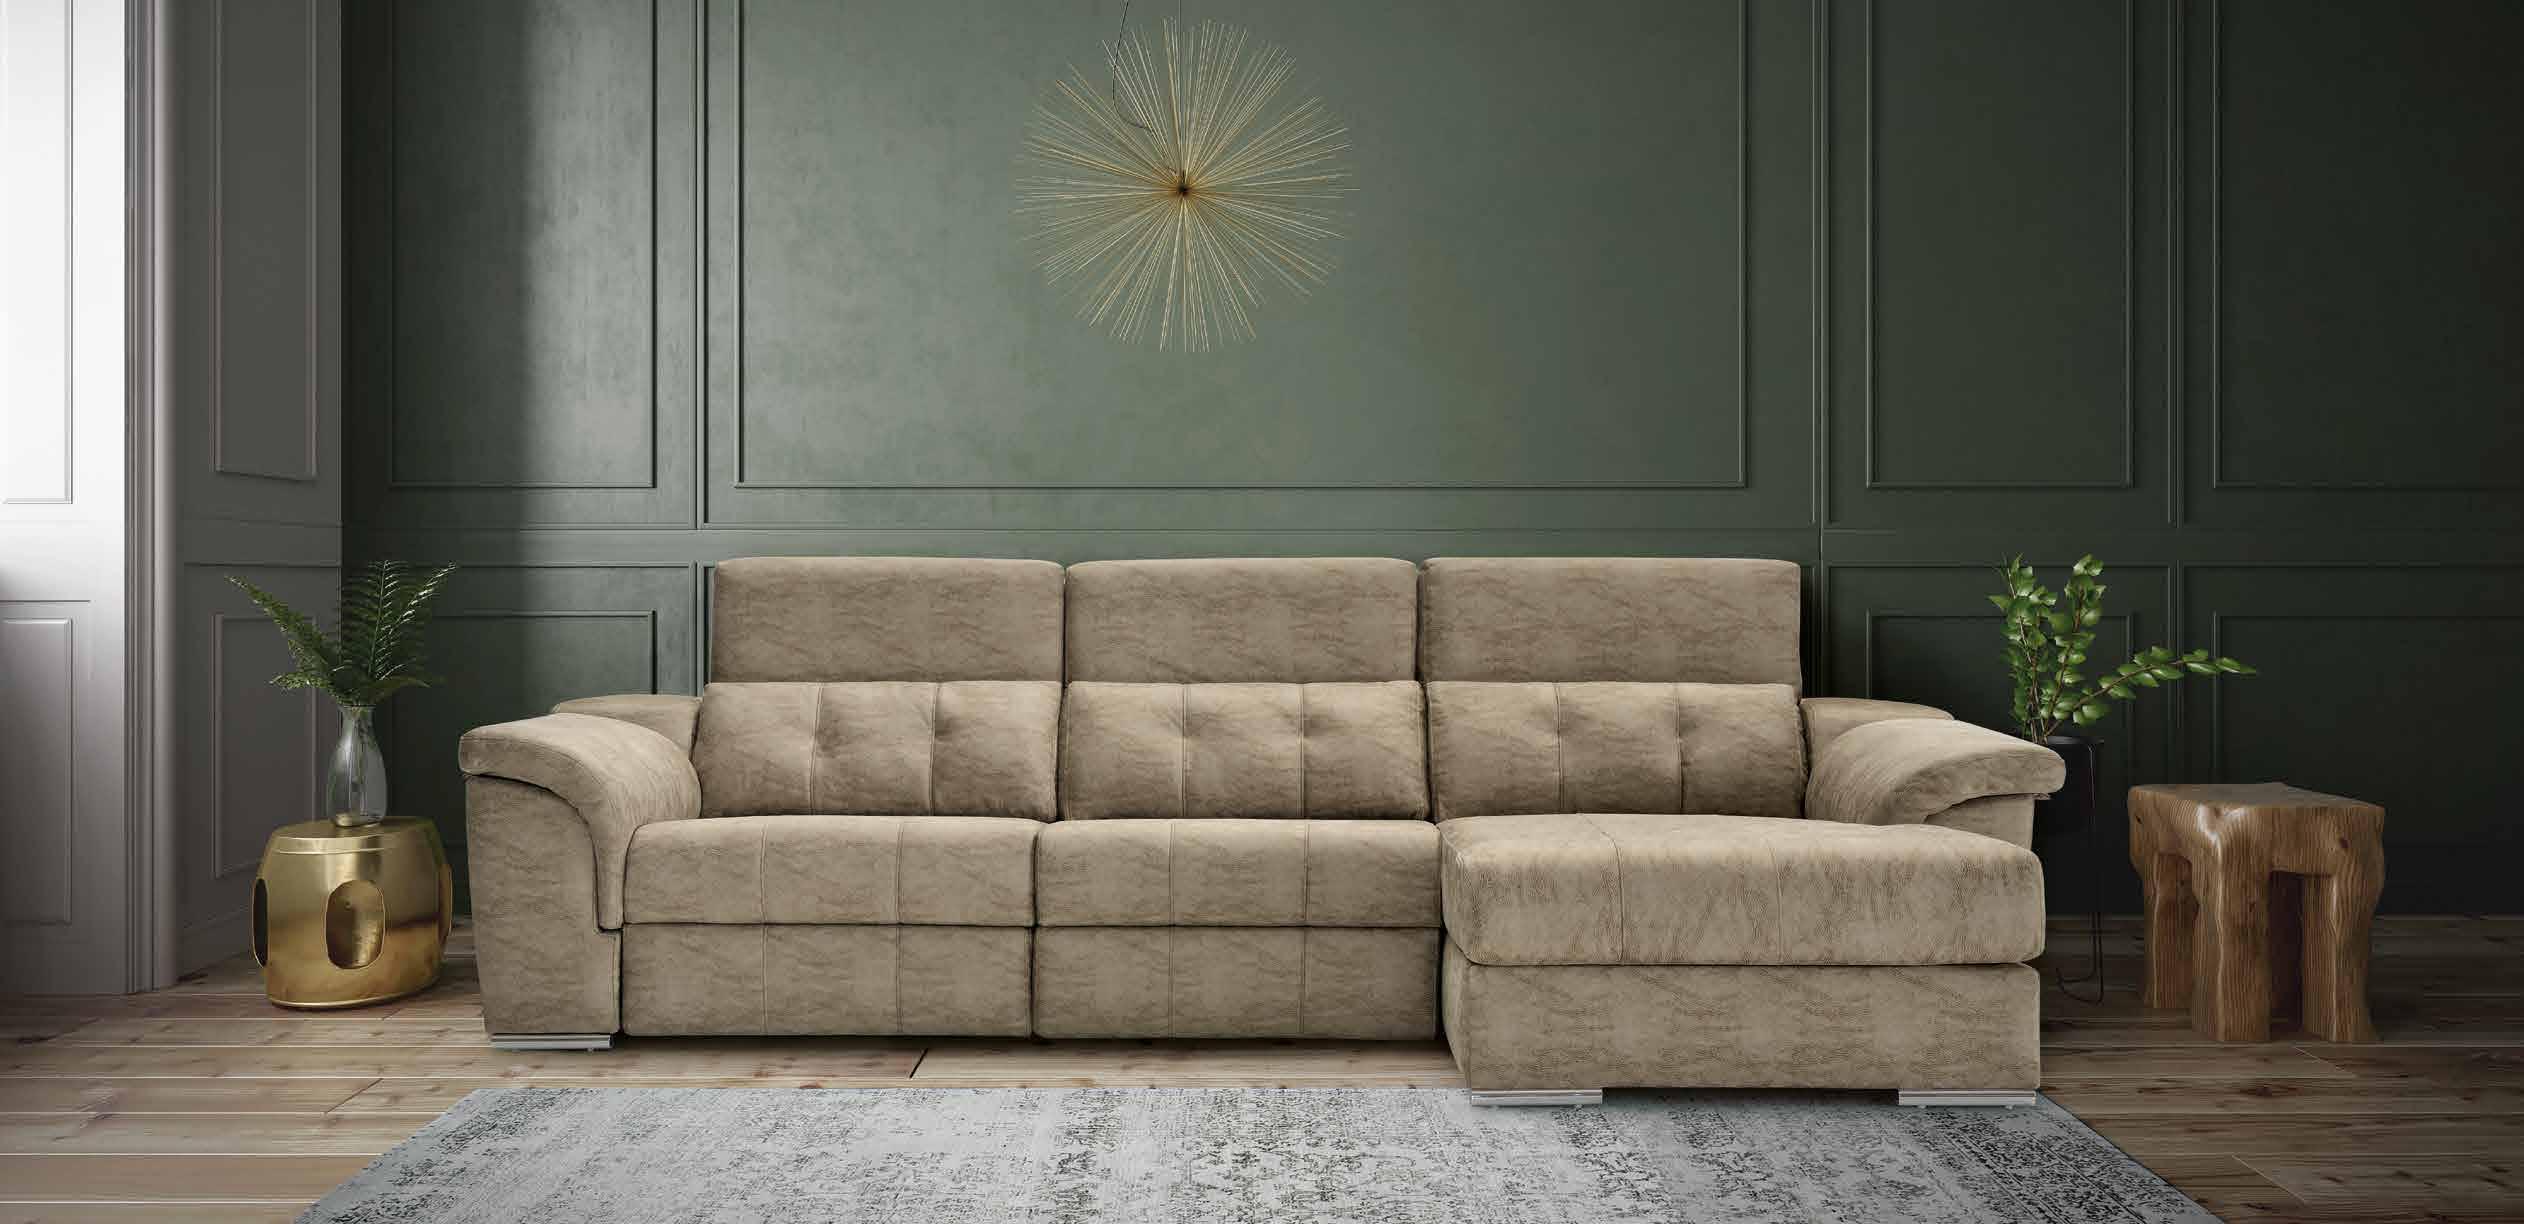 Tienda de sofás en Madrid